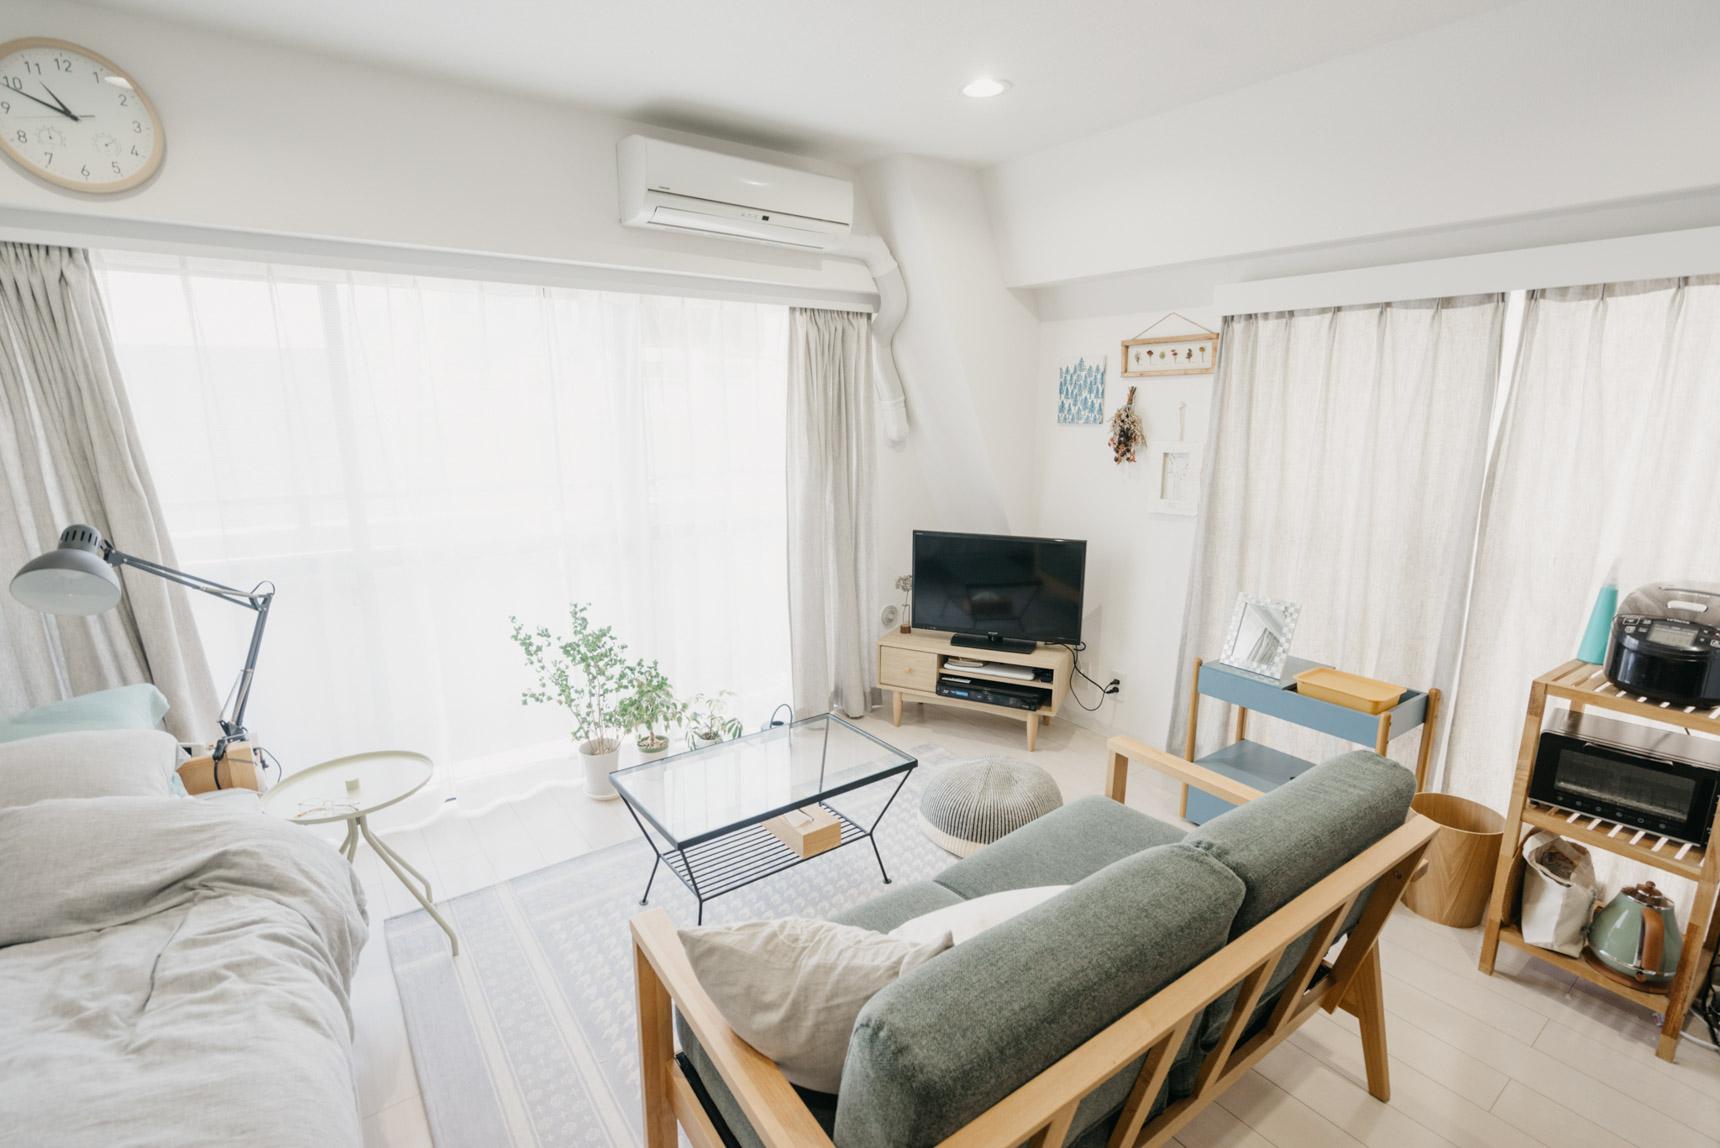 壁にくっつけて配置すれば空間を一番有効利用できますが、背もたれの向きによって空間をうまく区切ることも可能。こちらはキッチンが同室にあるワンルームのお部屋で、キッチンの空間とくつろぐ空間をソファによってうまく区切っているお部屋。(このお部屋はこちら)